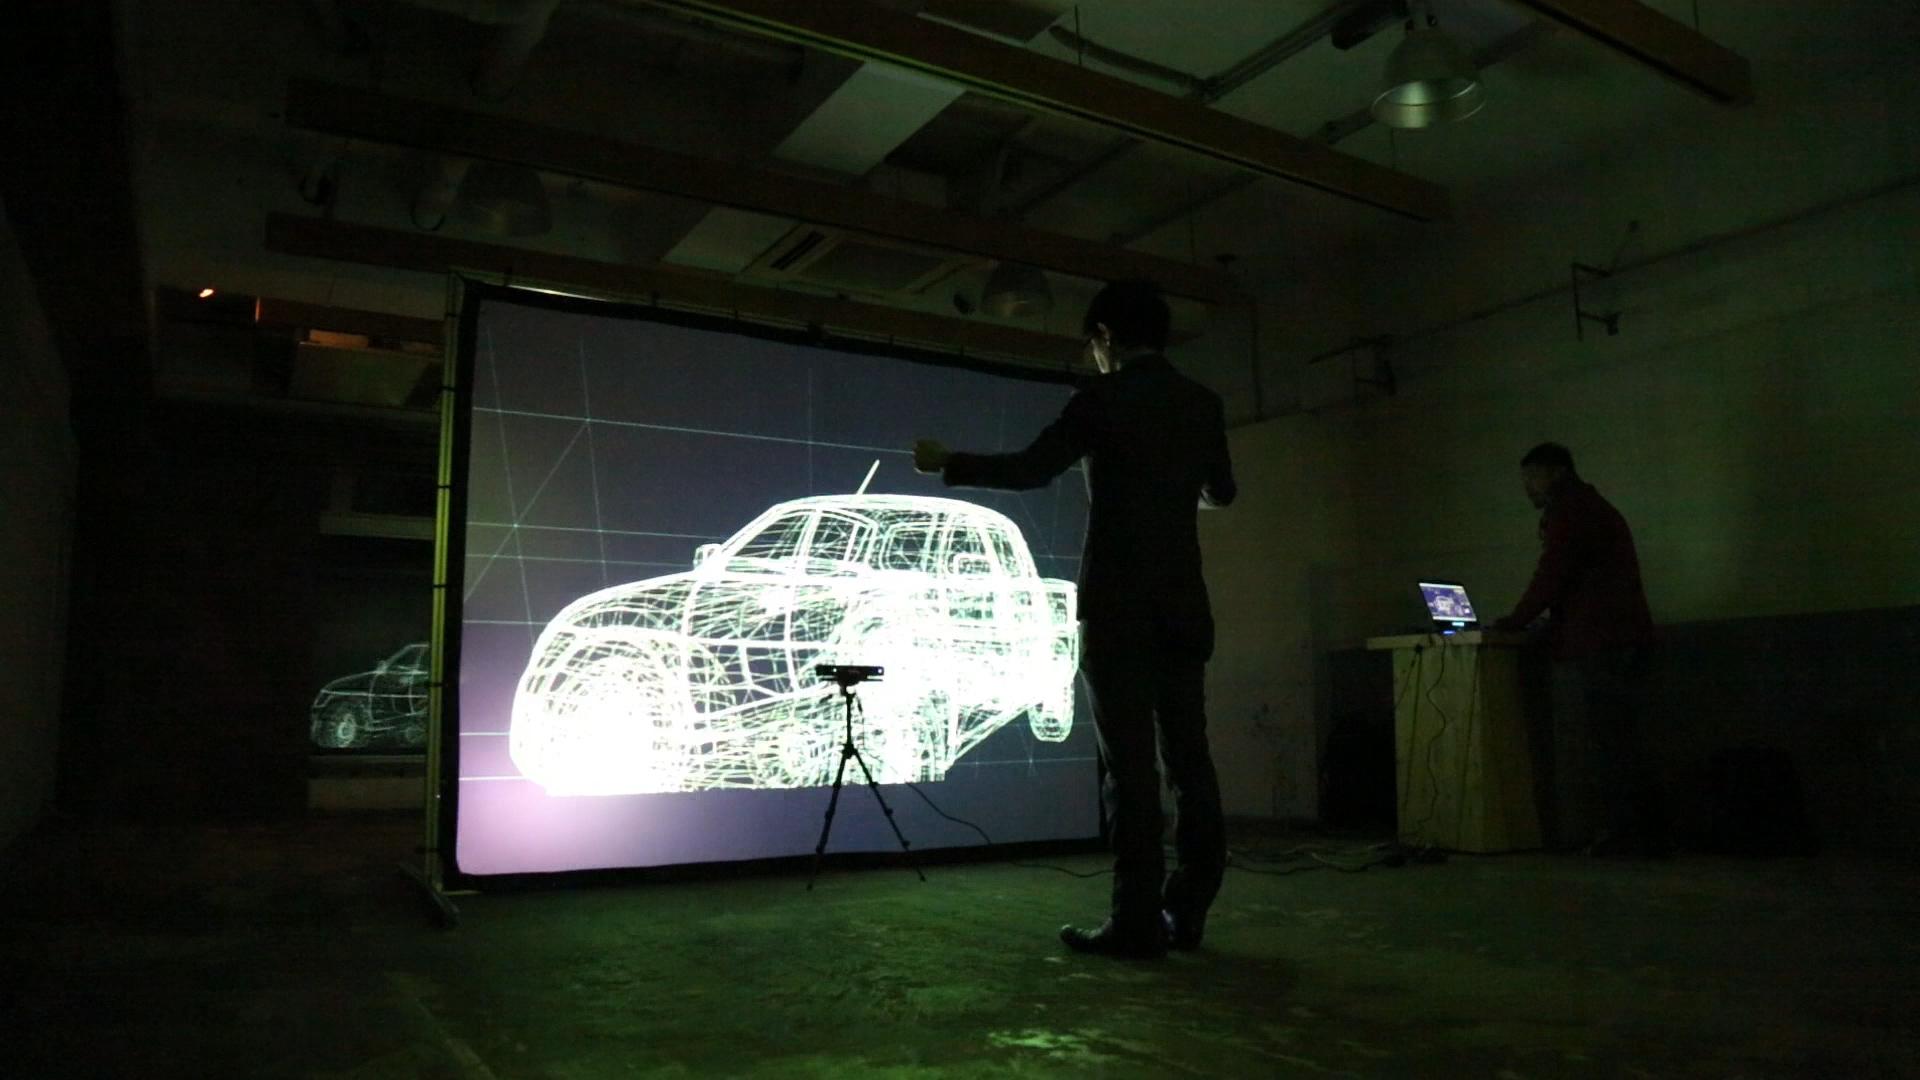 Gesture 3D model viewer demo